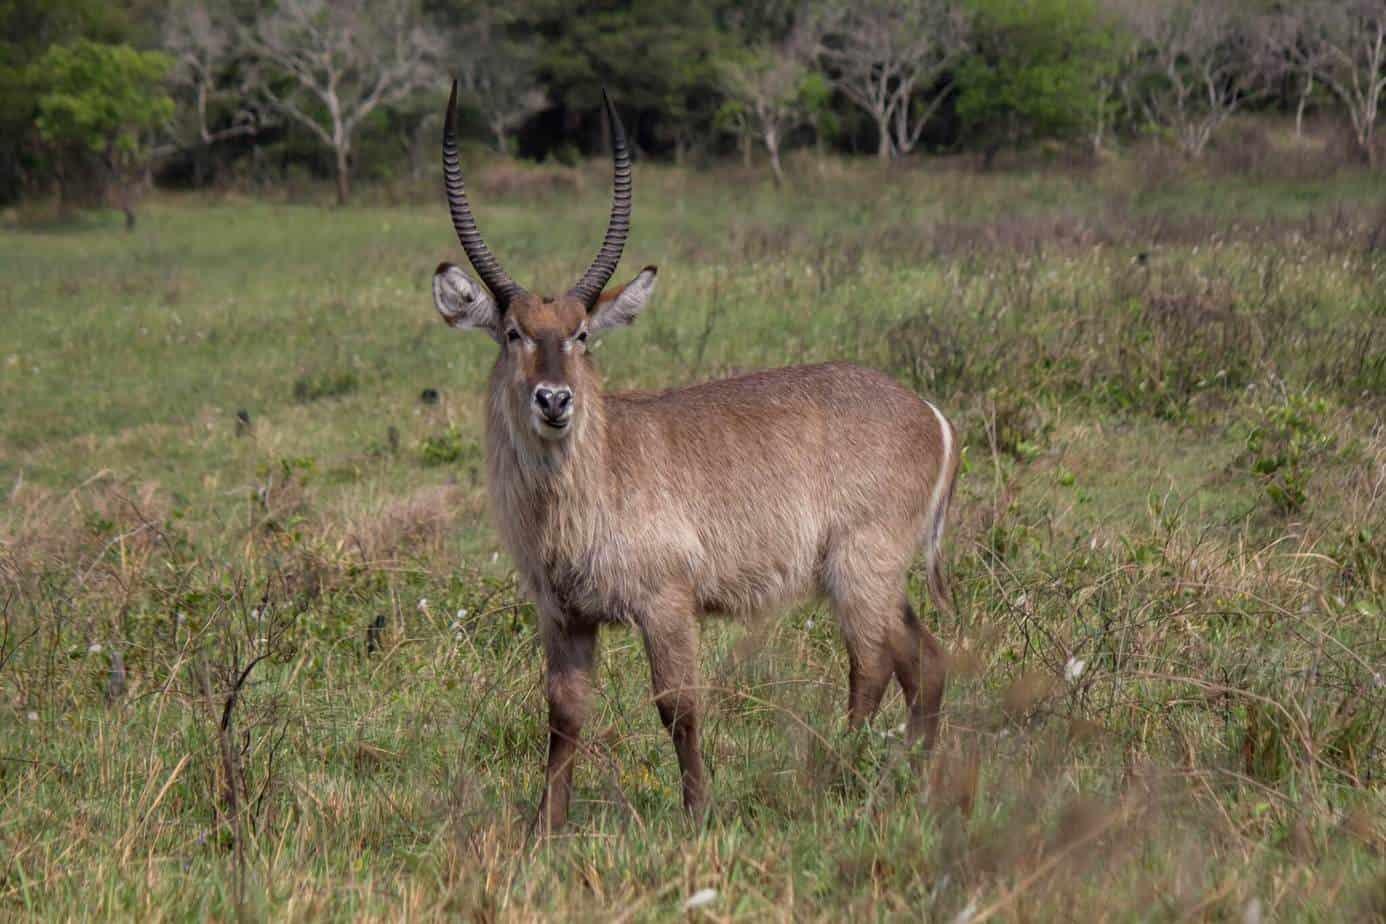 IMG 8804 - Tanzania